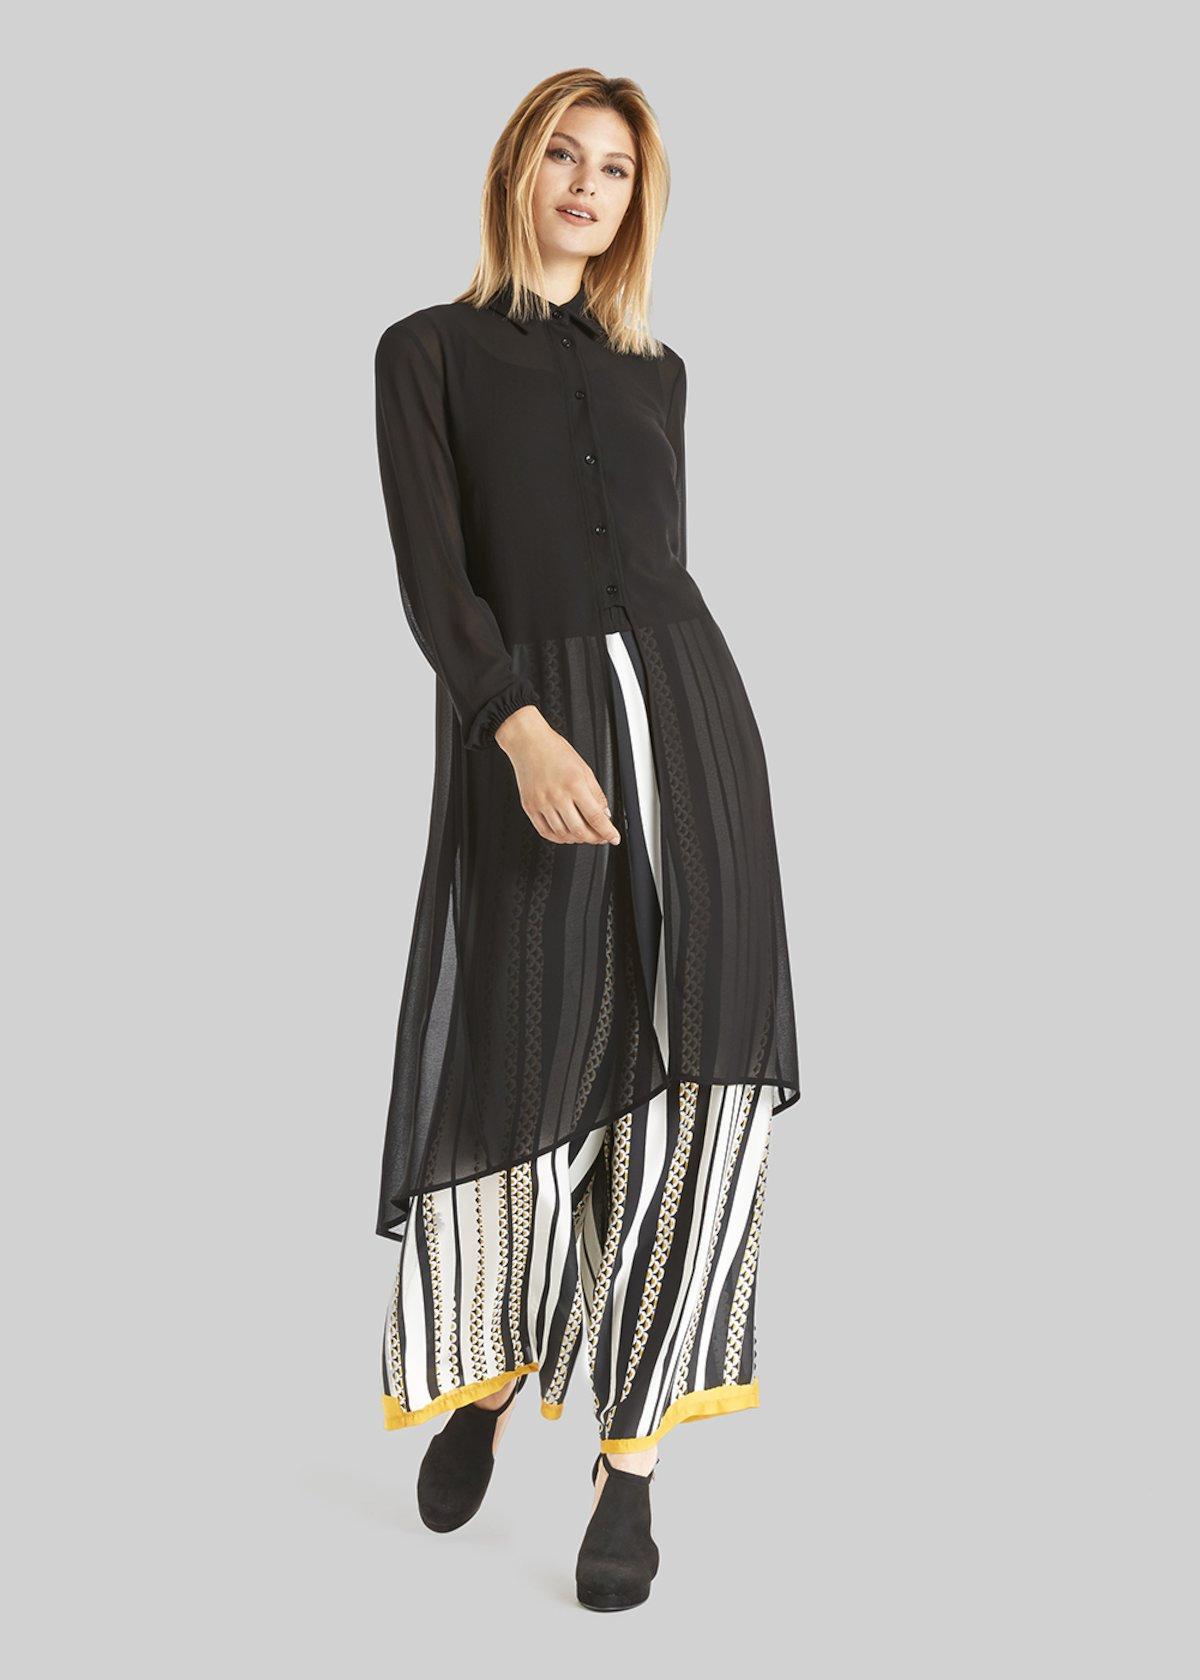 Camicia lunga Camelia in tessuto georgette